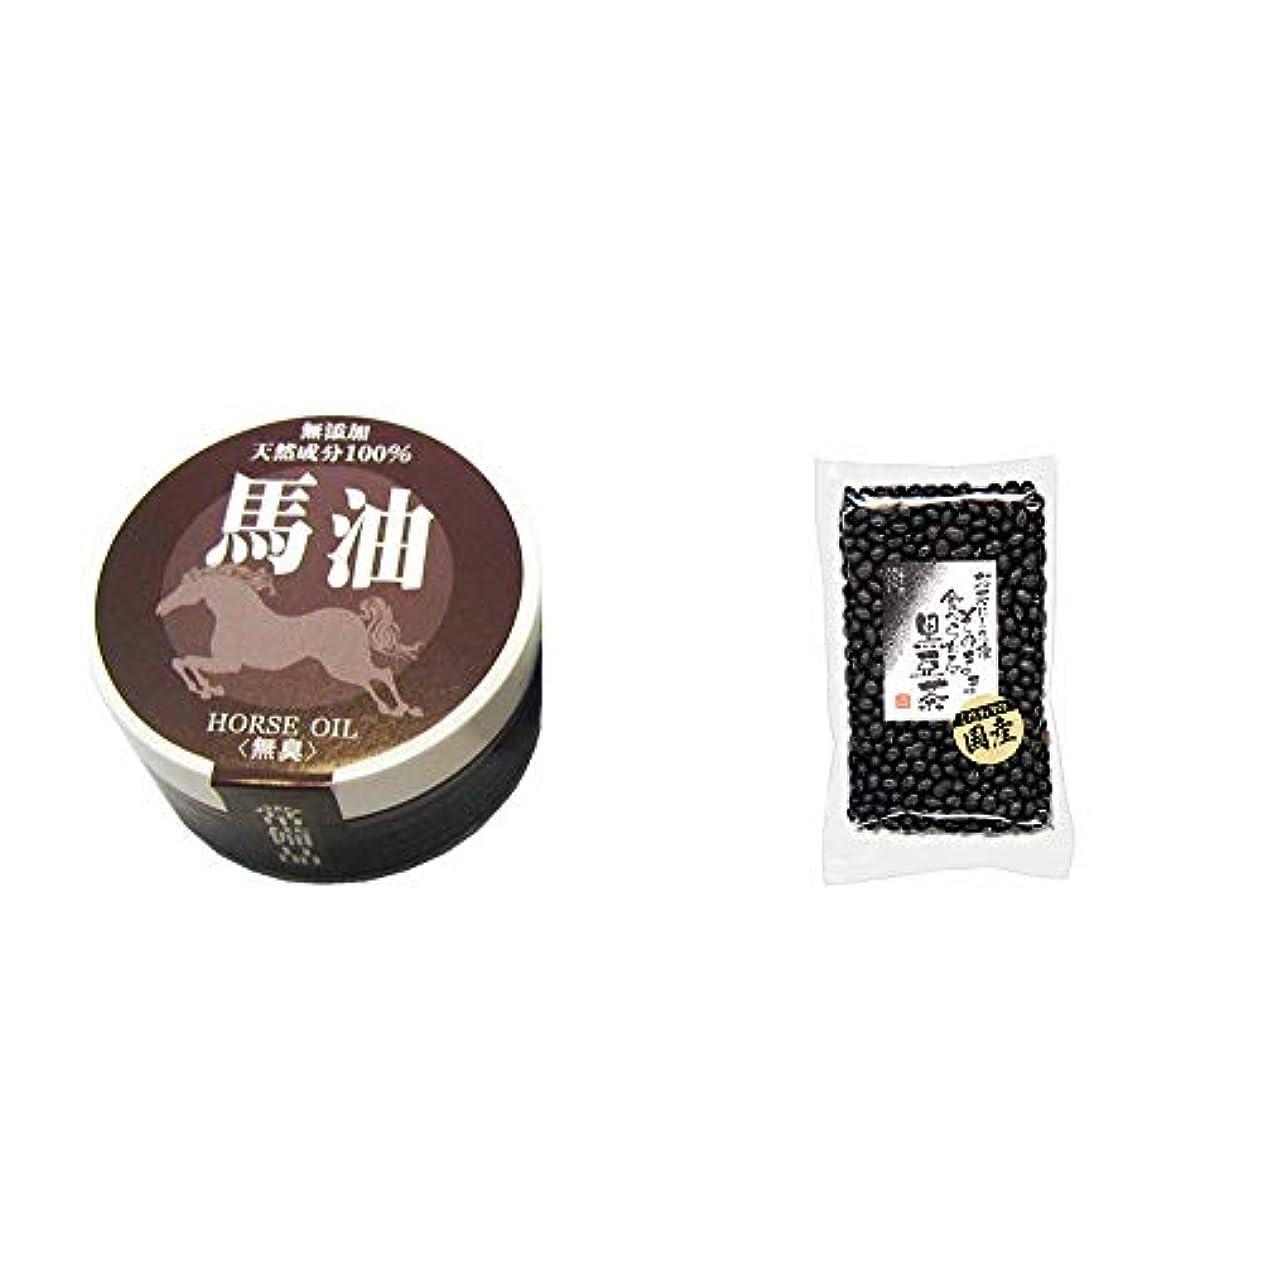 億販売計画ビタミン[2点セット] 無添加天然成分100% 馬油[無香料](38g)?国産 黒豆茶(200g)